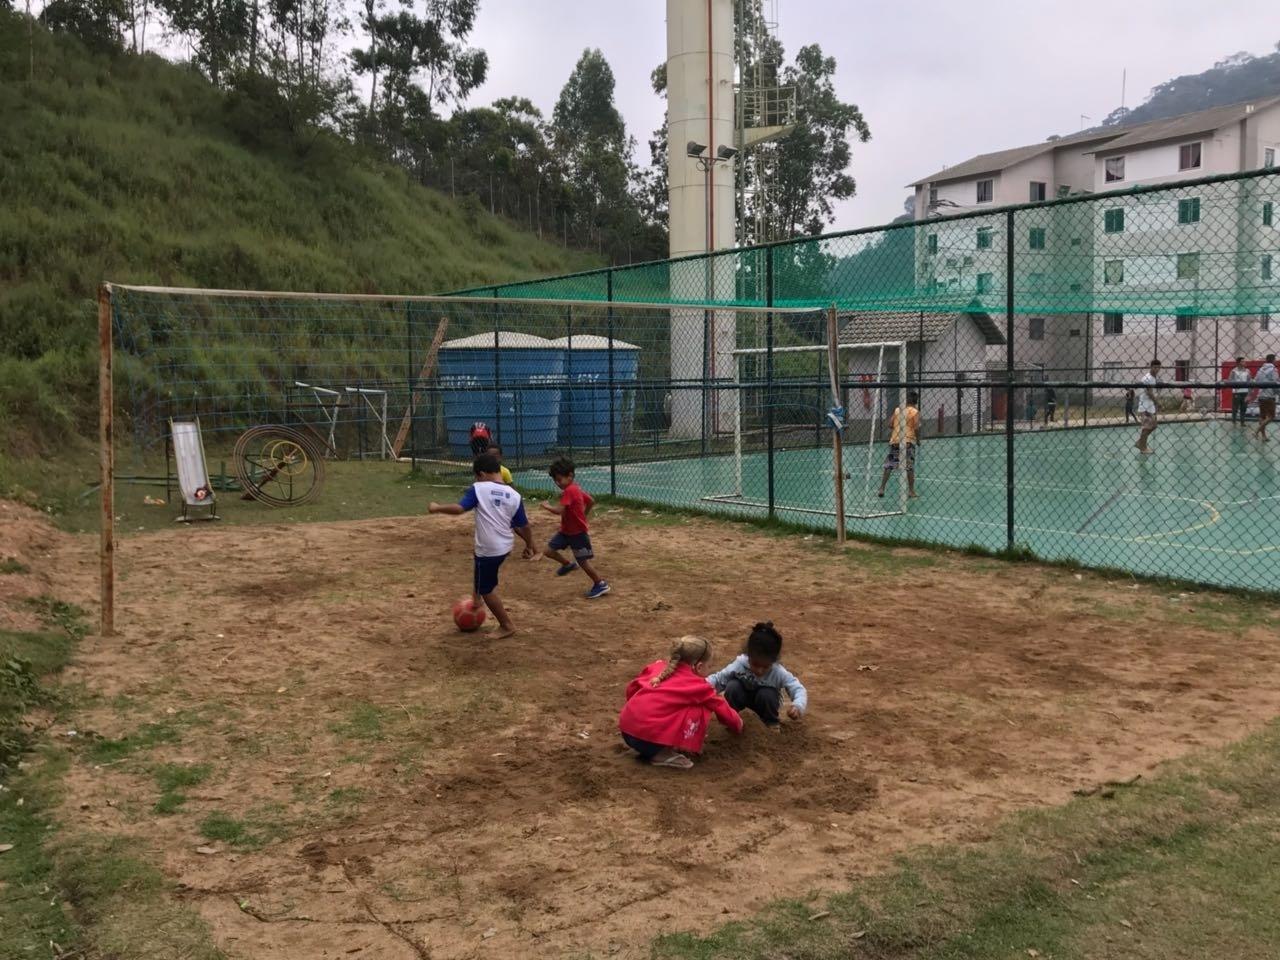 Crianças brincam na área de lazer do Parque Residencial Ermitage